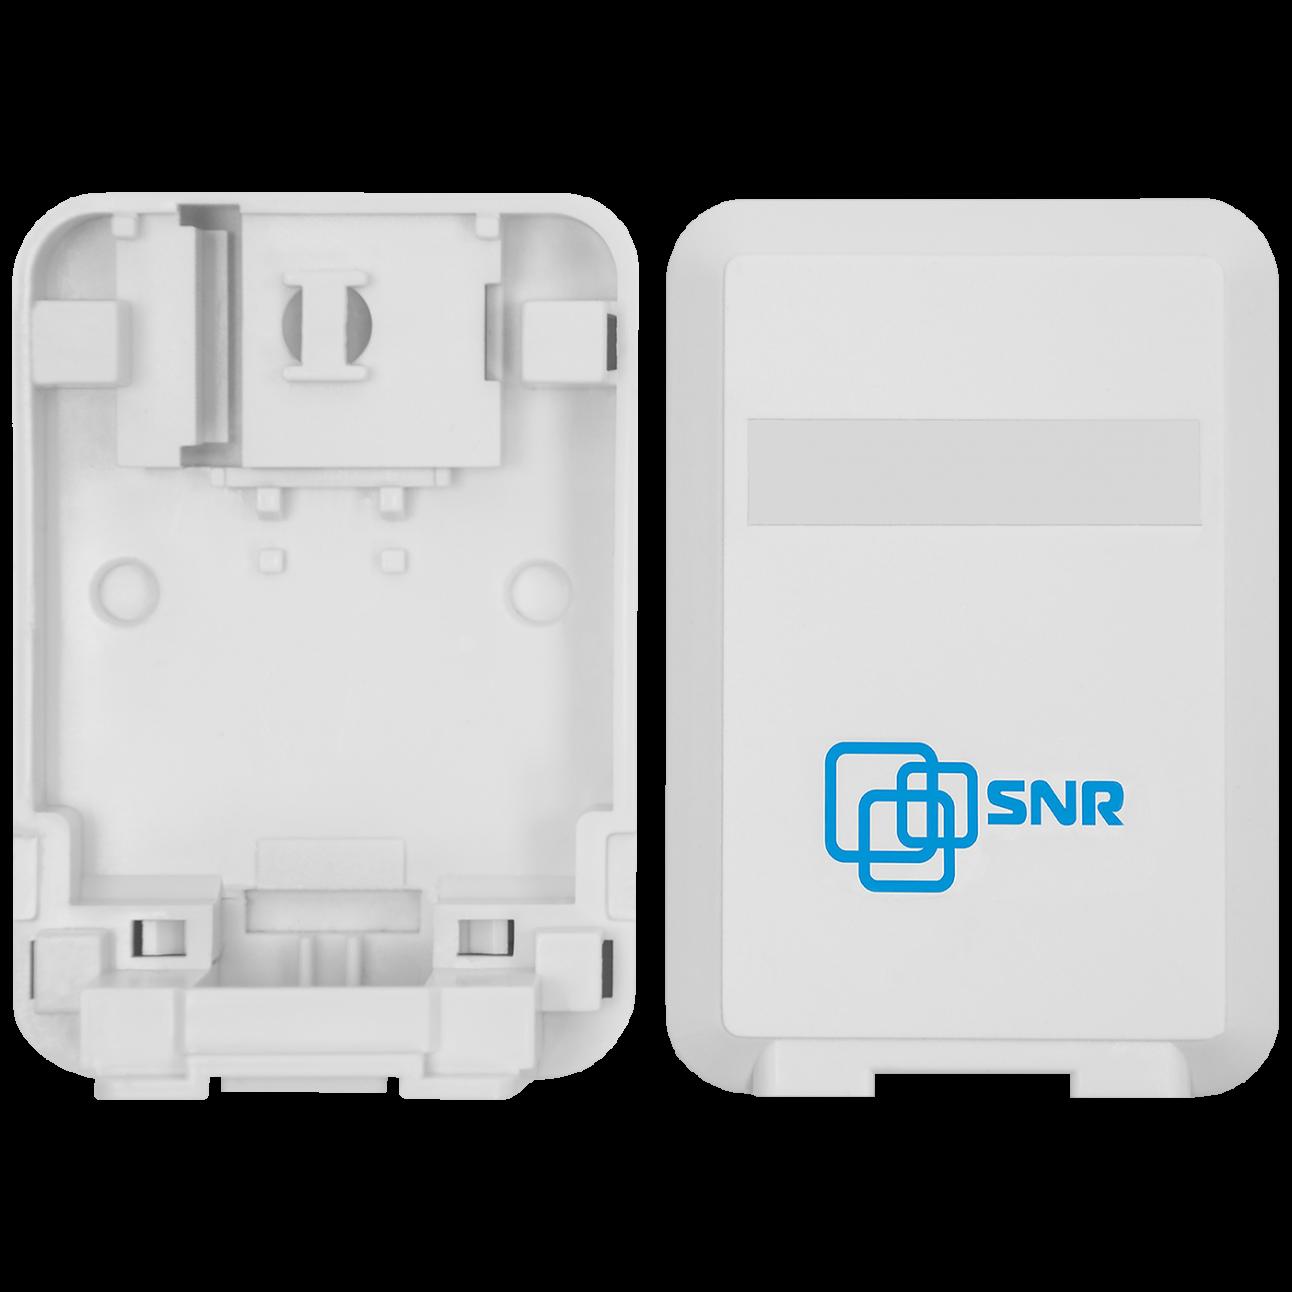 Корпус настенной розетки SNR под модули KeyStone, 1 порт